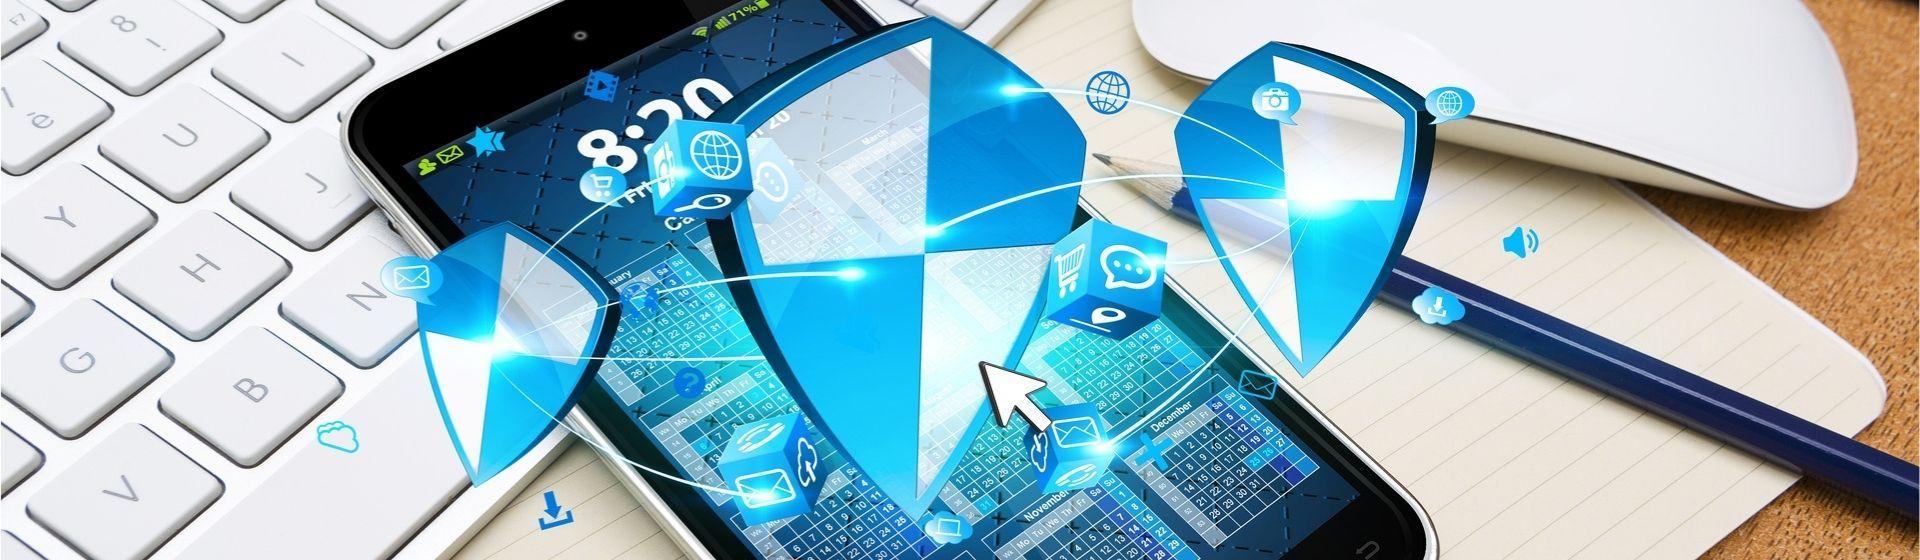 Melhor antivírus para celular: confira a lista e projeta seu aparelho